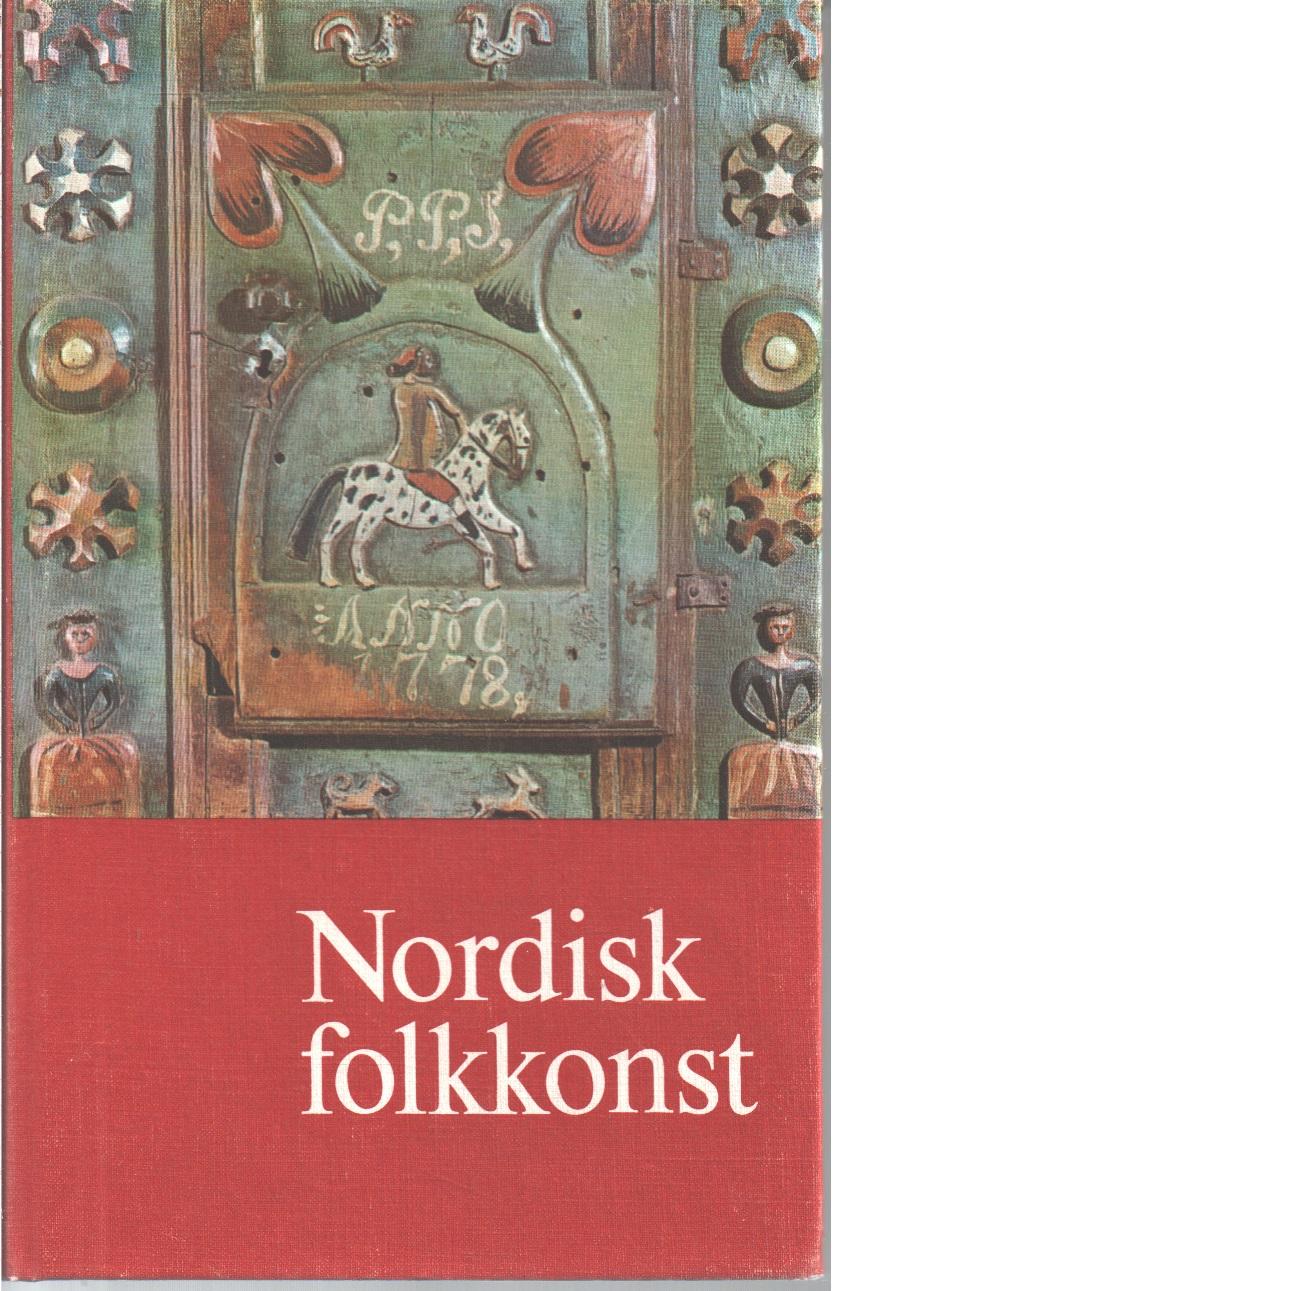 Nordisk folkkonst  - Red. Svensson, Sigfrid